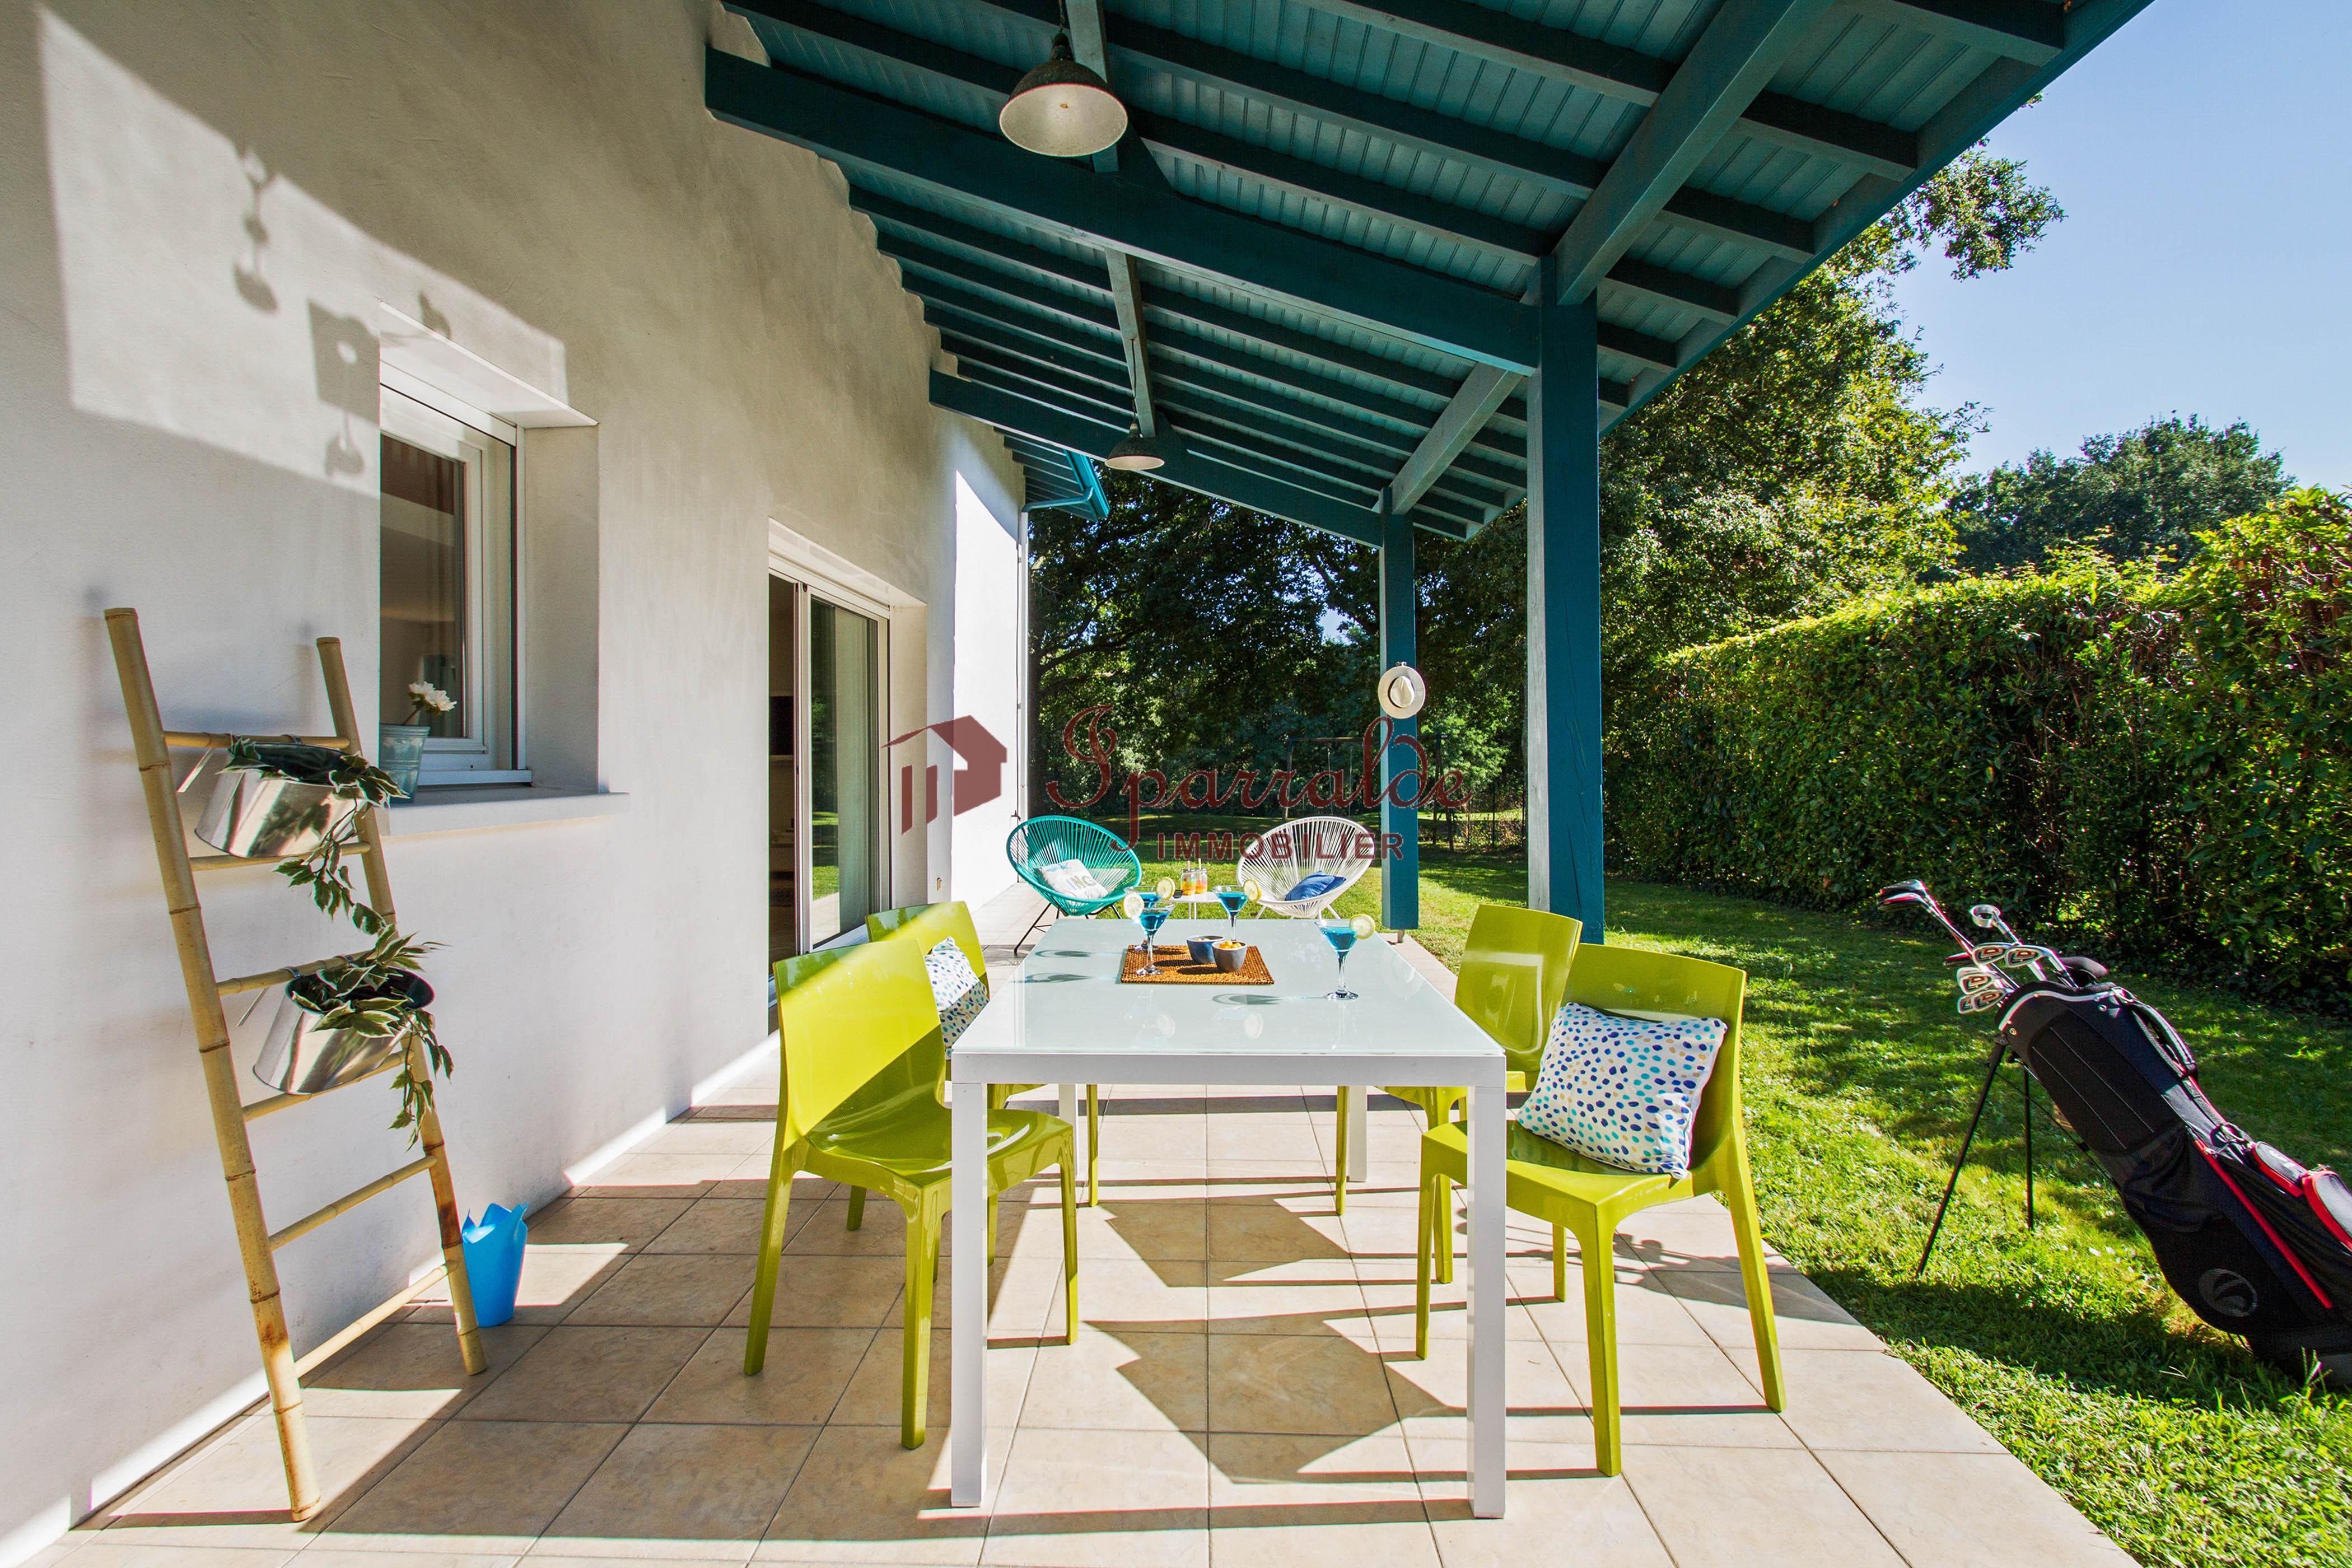 Villa Individual de 6 habitaciones sobre parcela de 4000 m2 en la zona más exclusiva de URRUGNE.